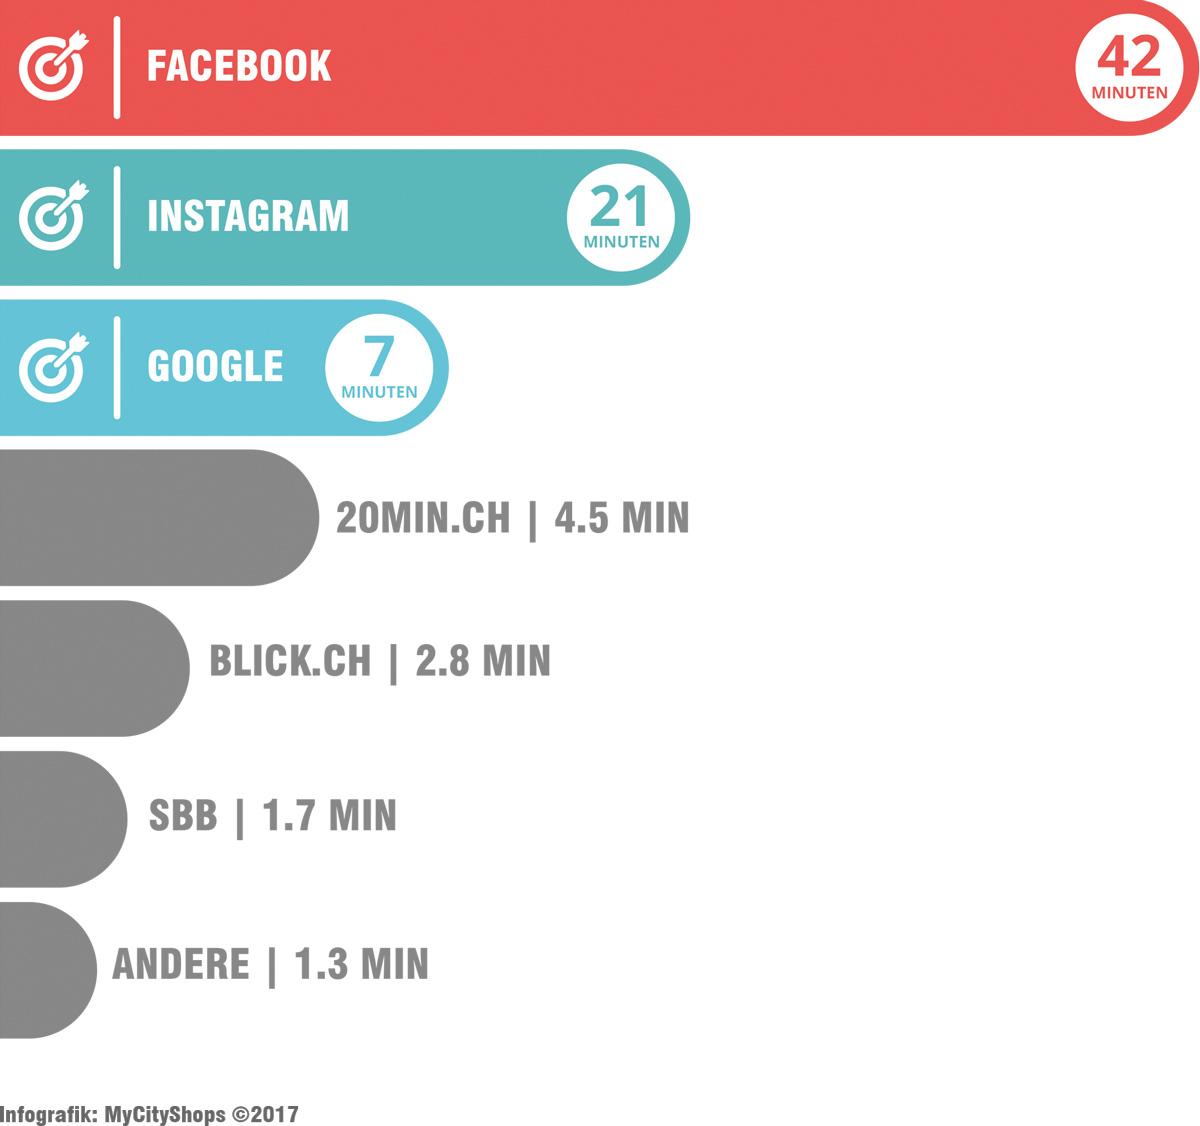 Facebook Nutzerzahlen Schweiz